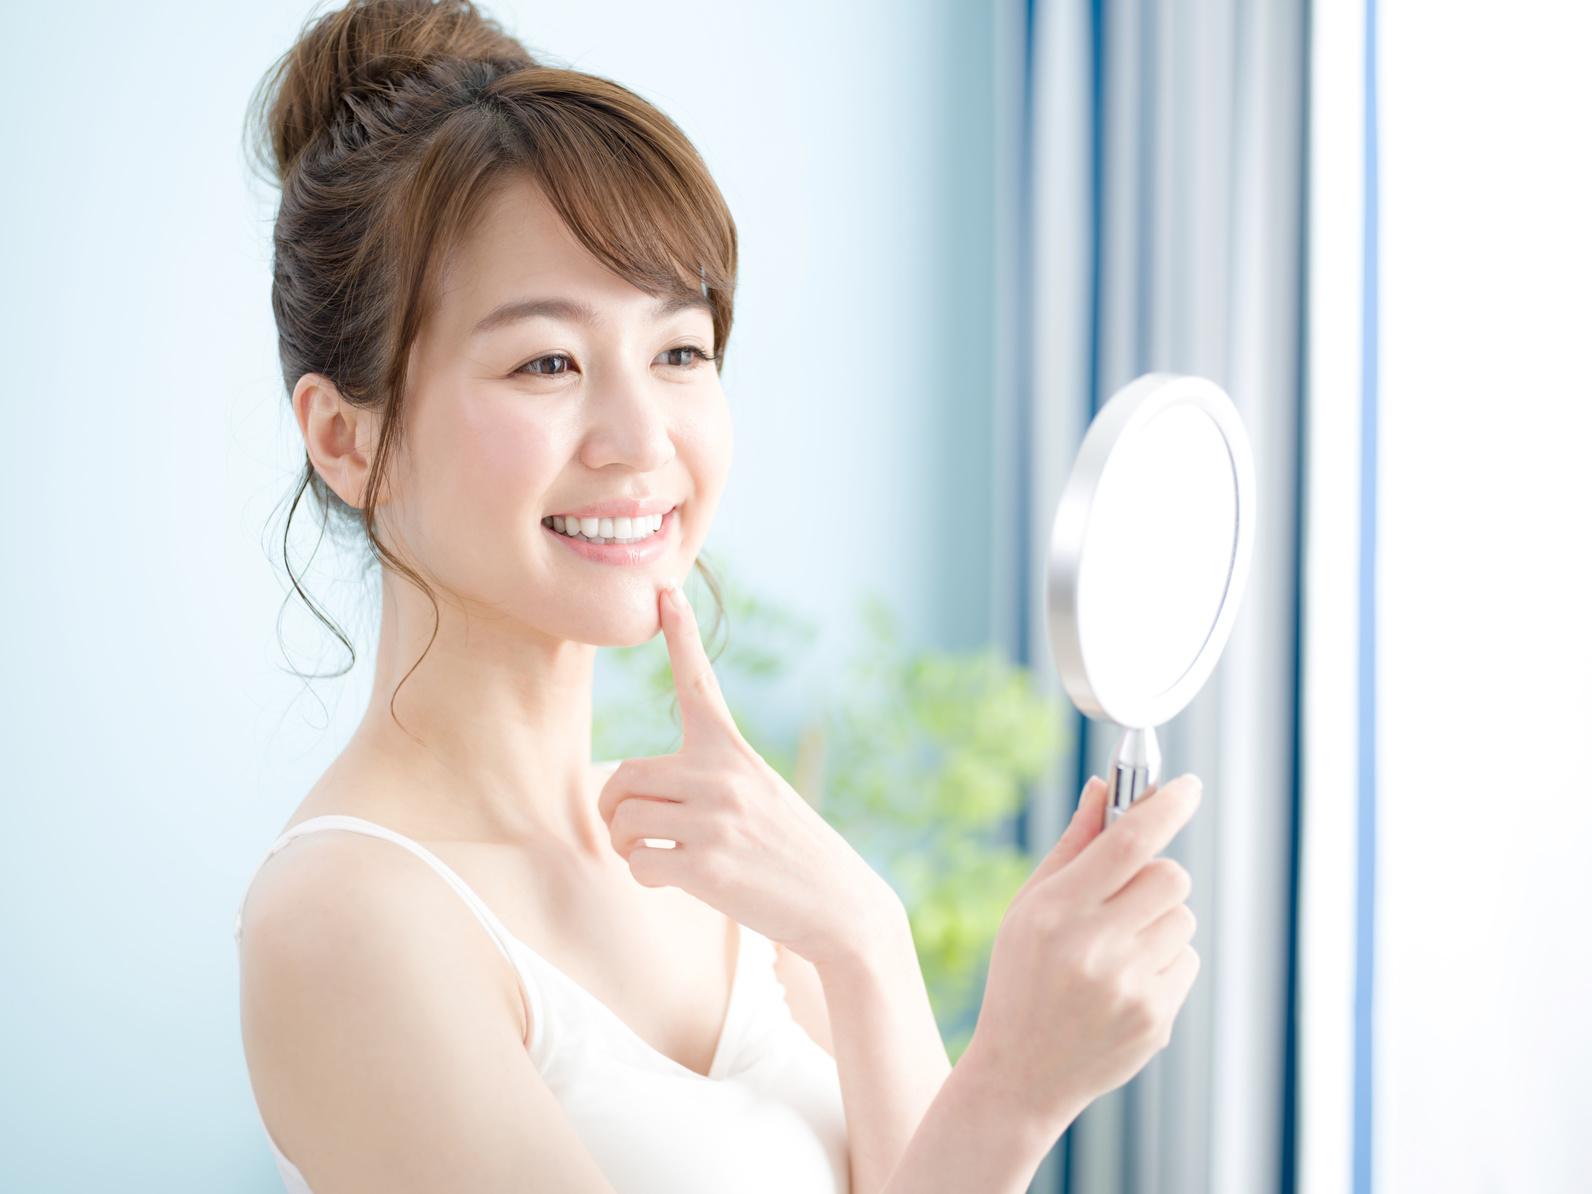 歯の黄ばみの原因は○○にあった!日本人の平均的な歯の色と変色についてのまとめ